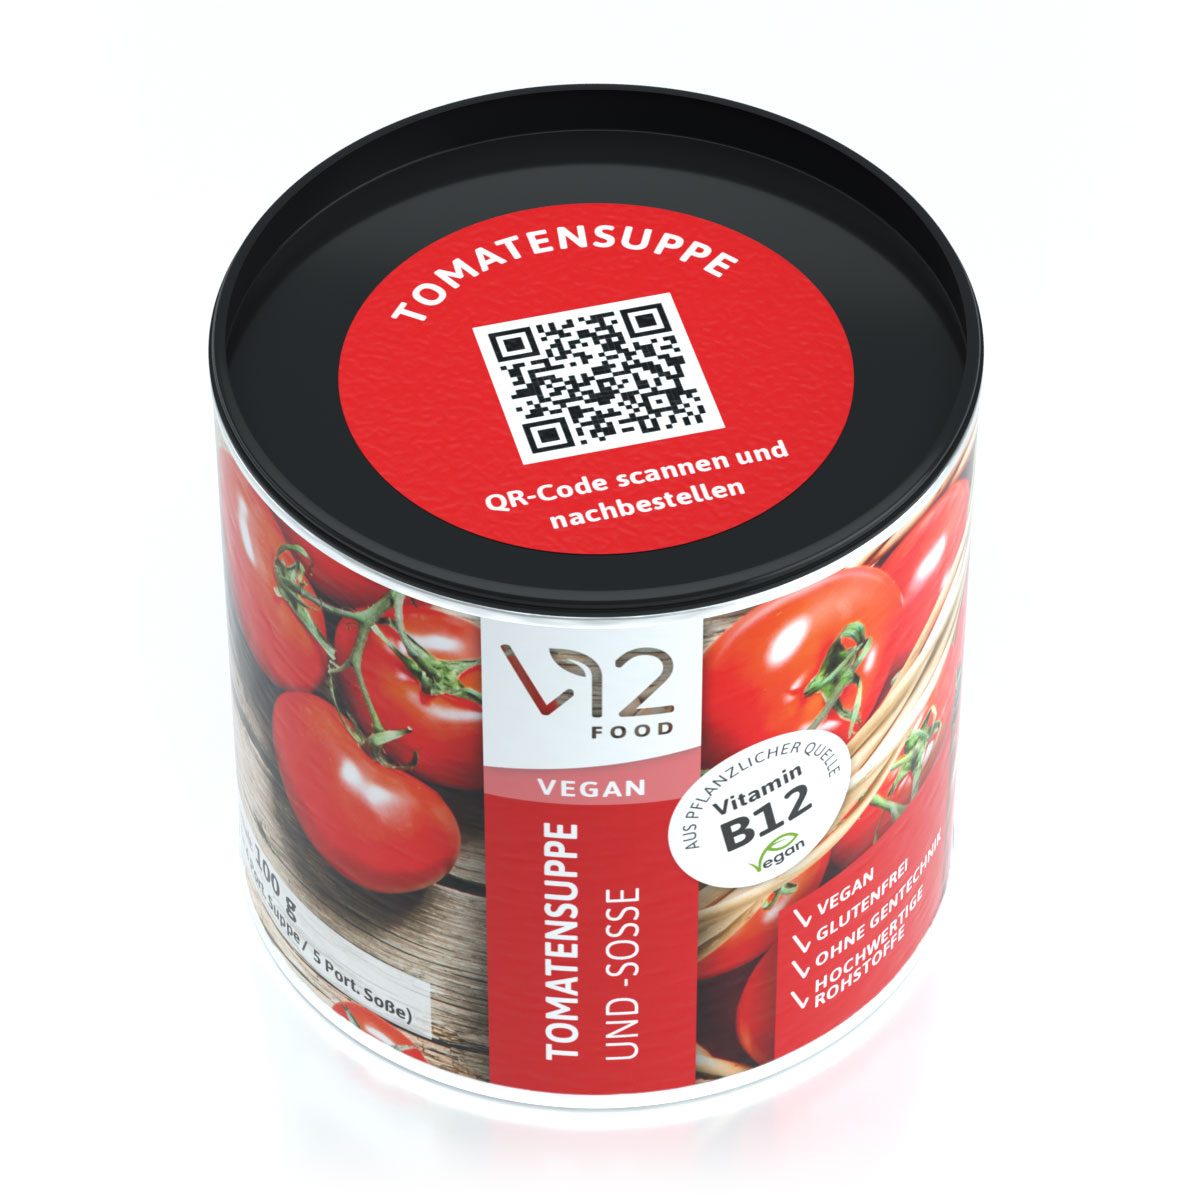 V12 Tomatensuppe &-Soße